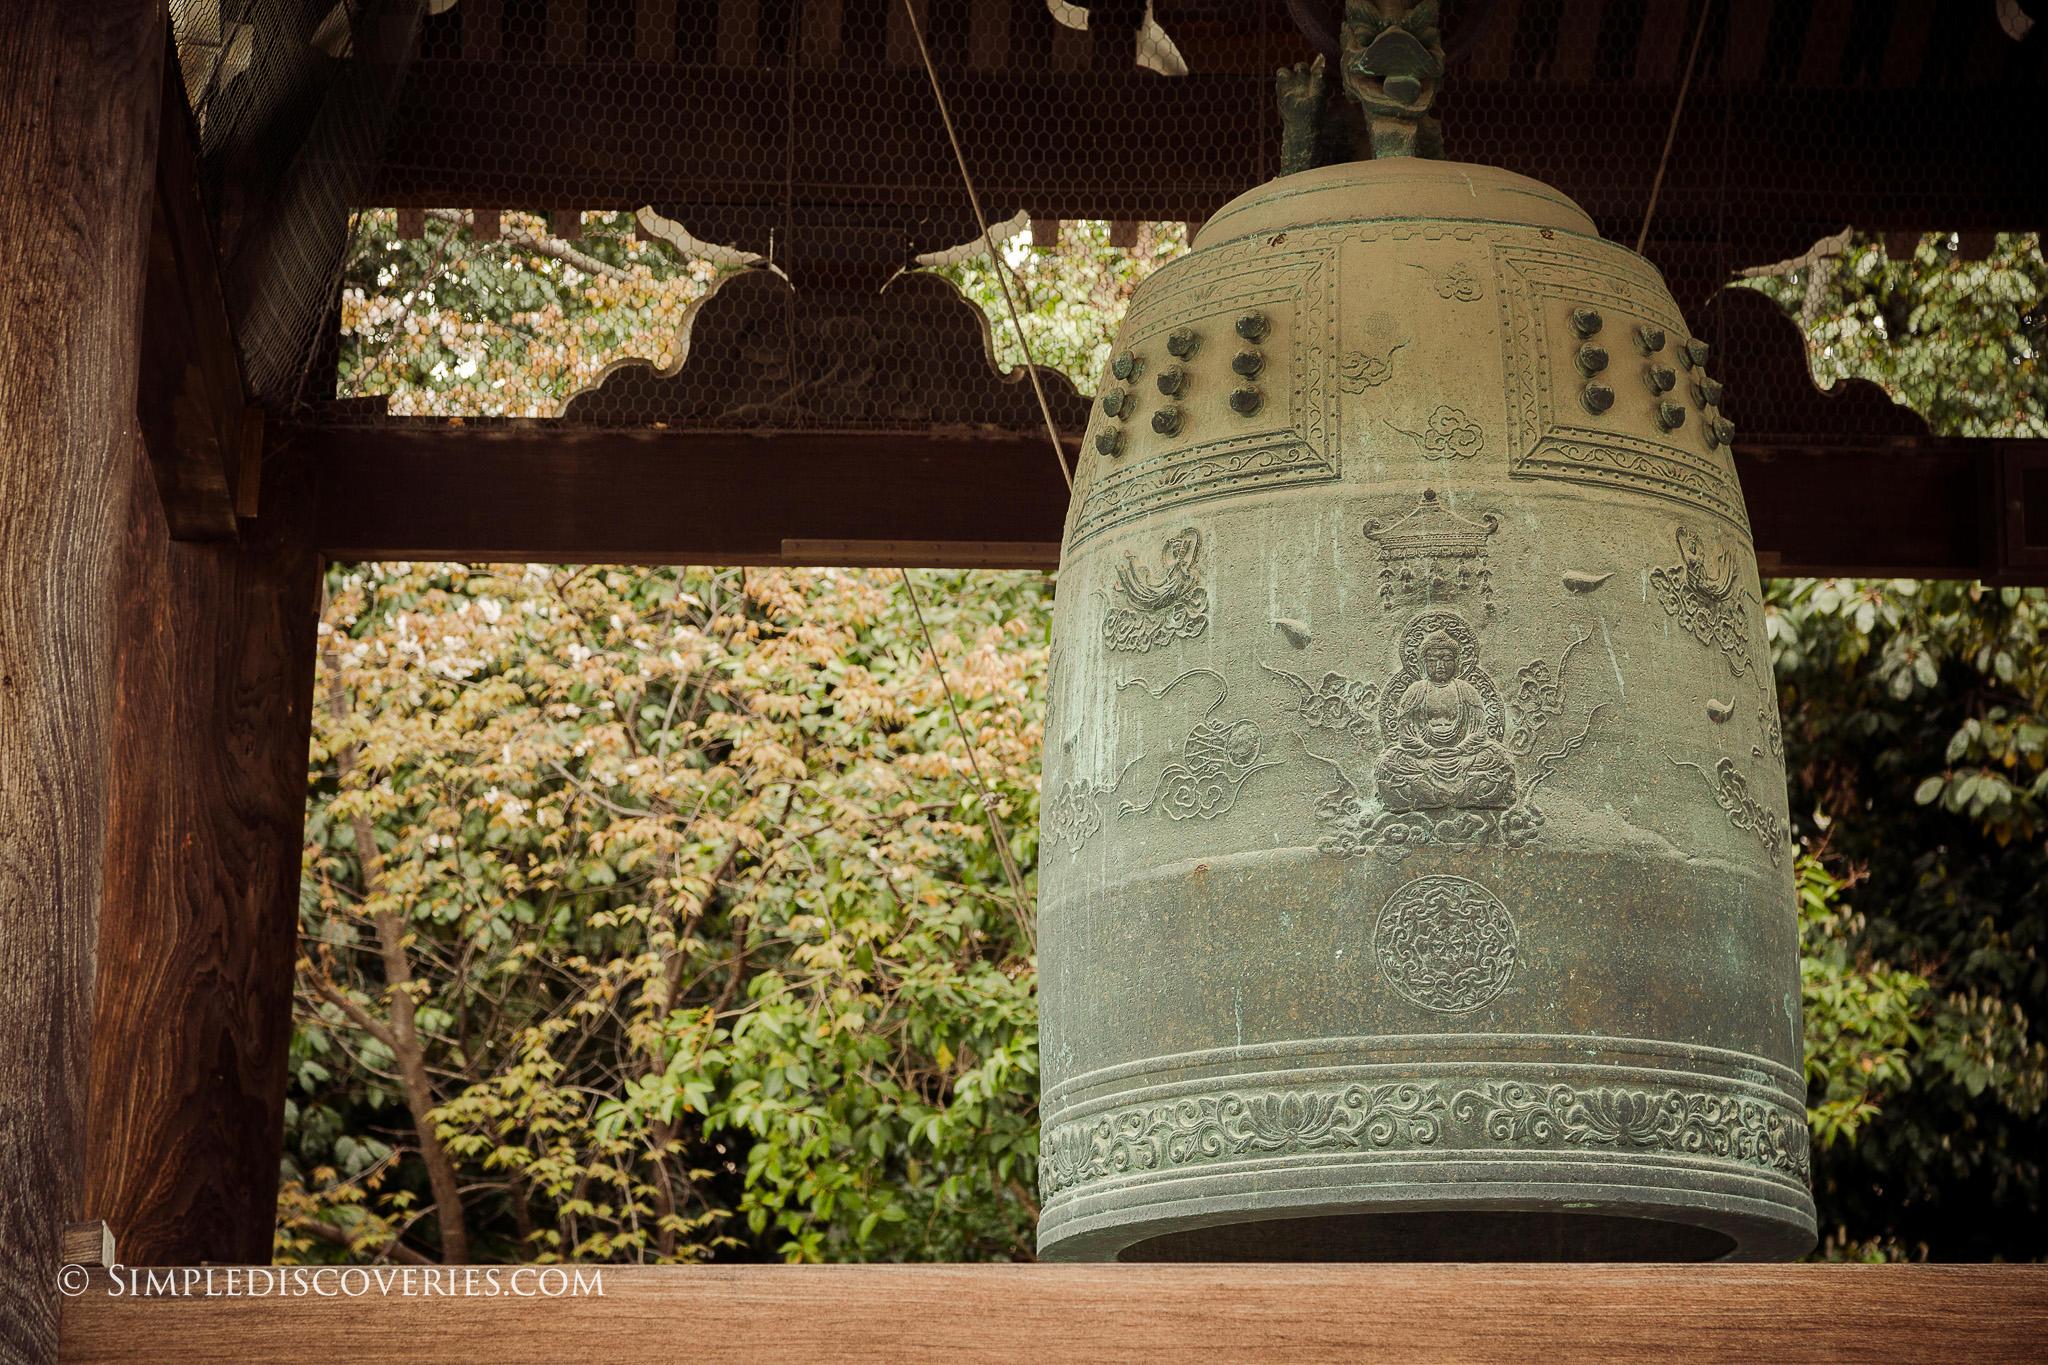 Japan_Bonsho_Bell